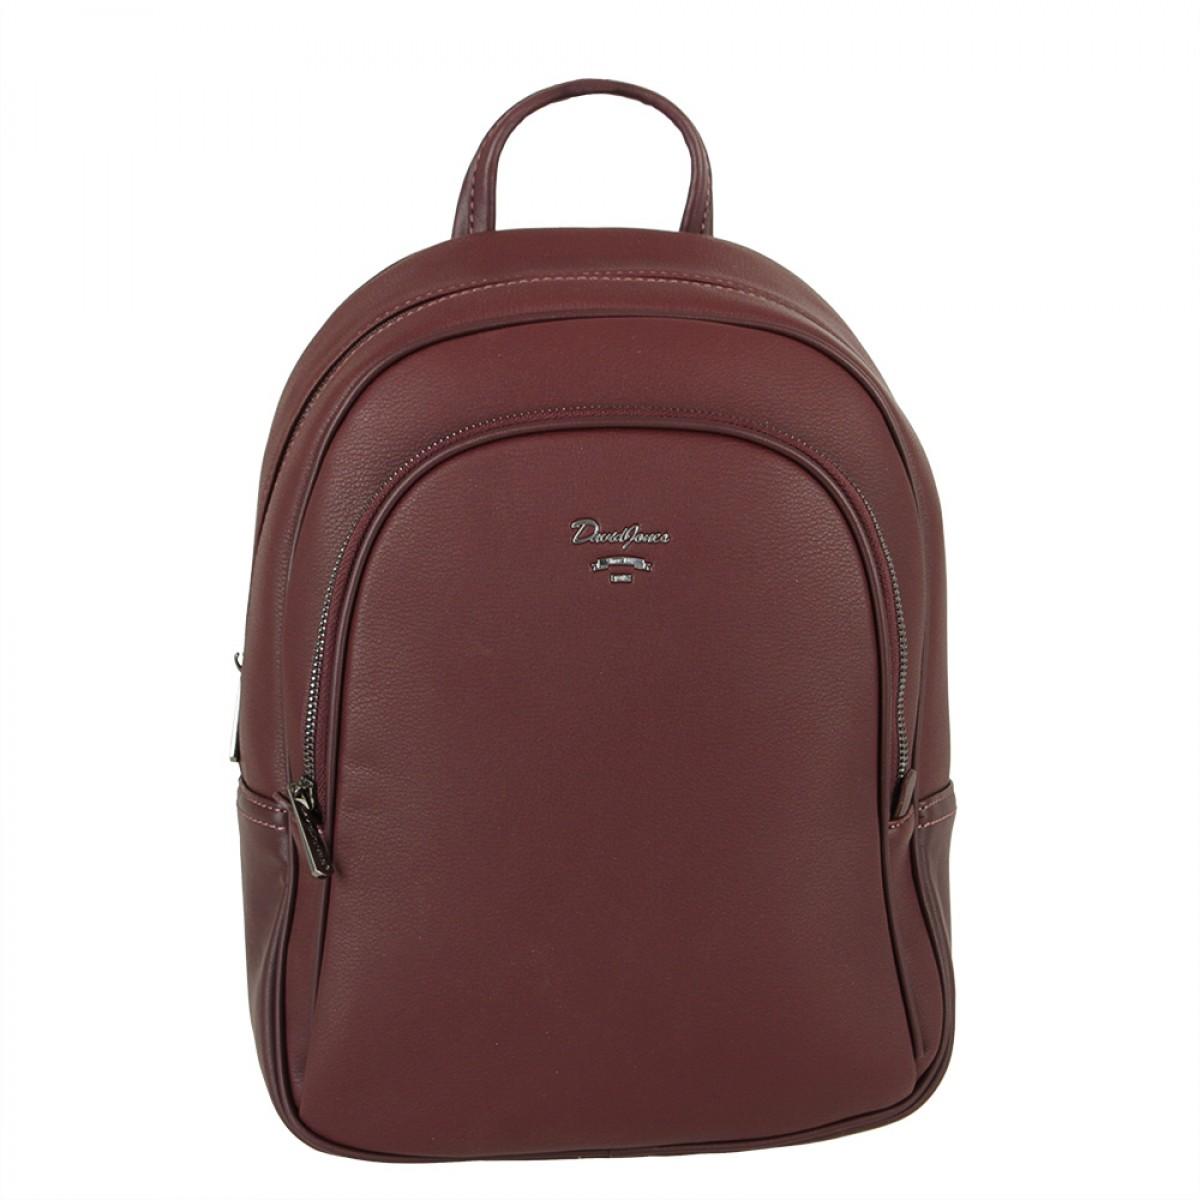 Жіночий рюкзак David Jones CM5323 DARK BORDEAUX